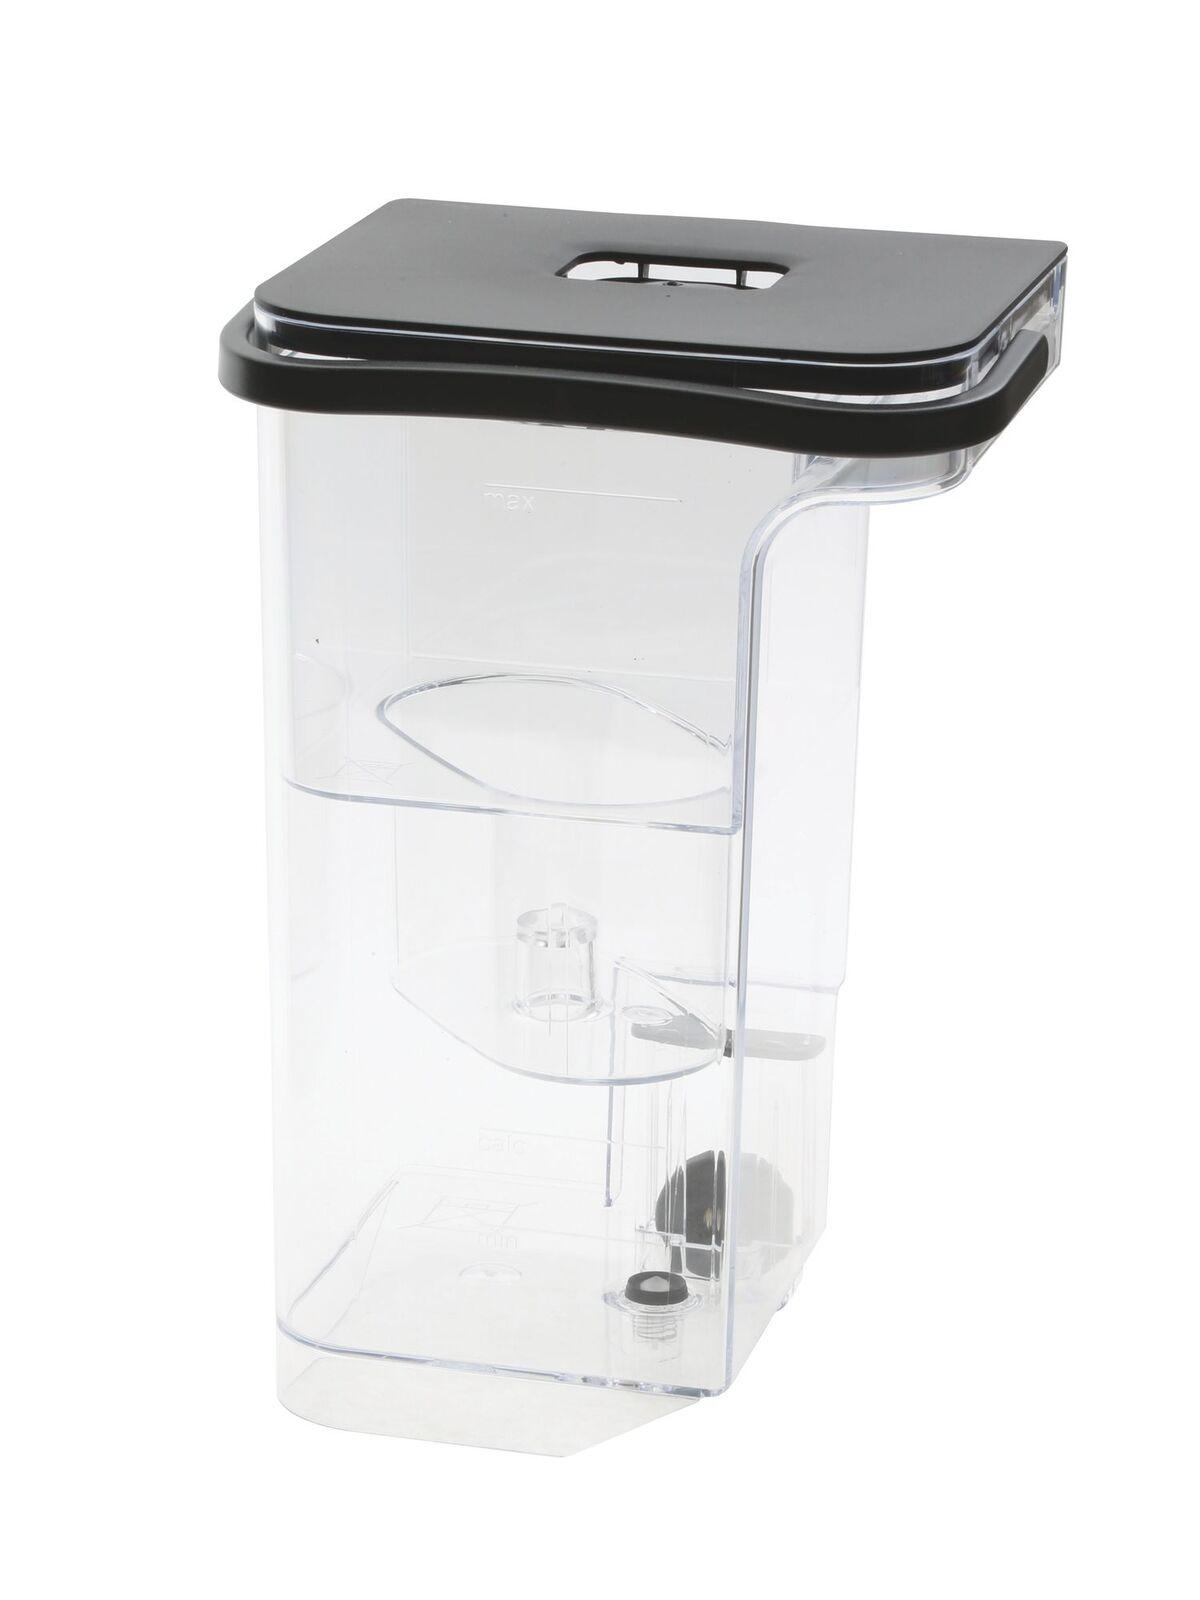 Bosch THD2021 Heißwasserspender Filtrino günstig kaufen | eBay